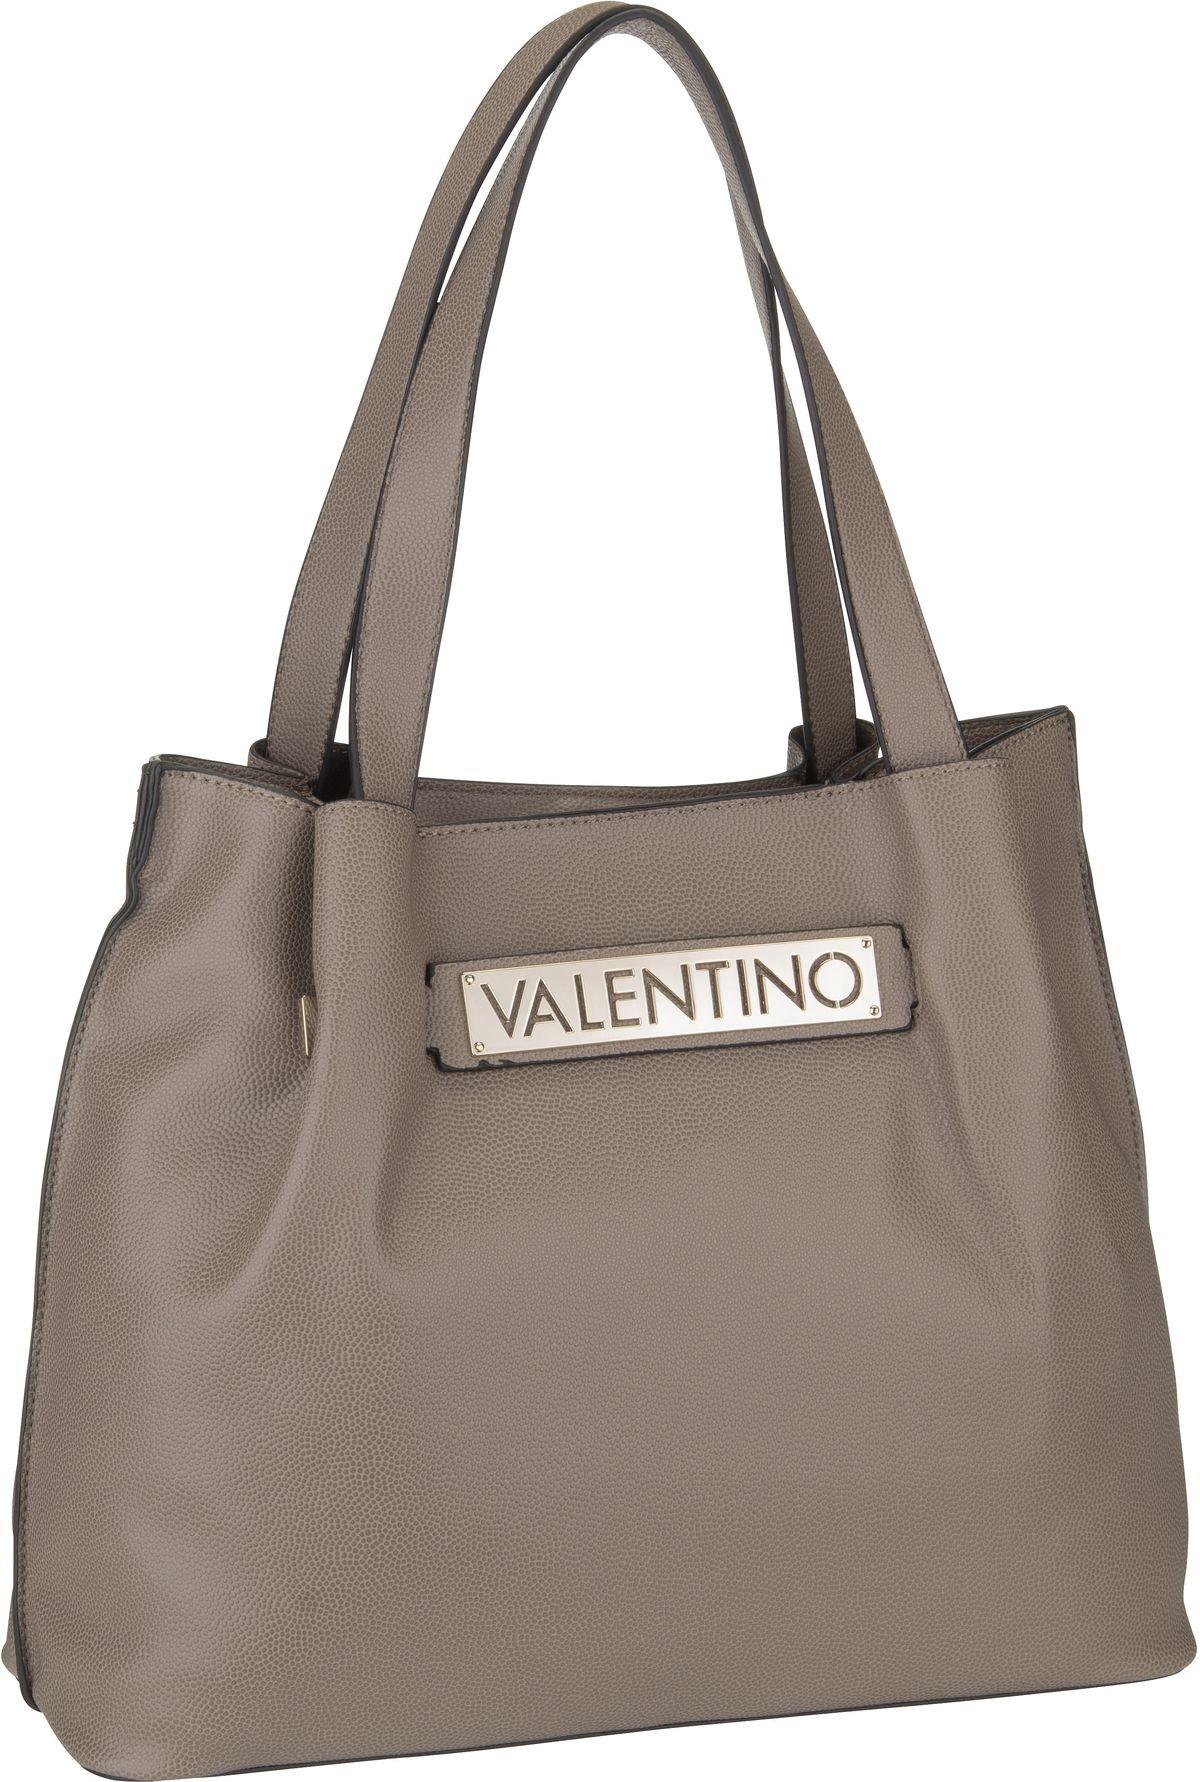 Bags Shopper Ukulele Shopping 401 Taupe